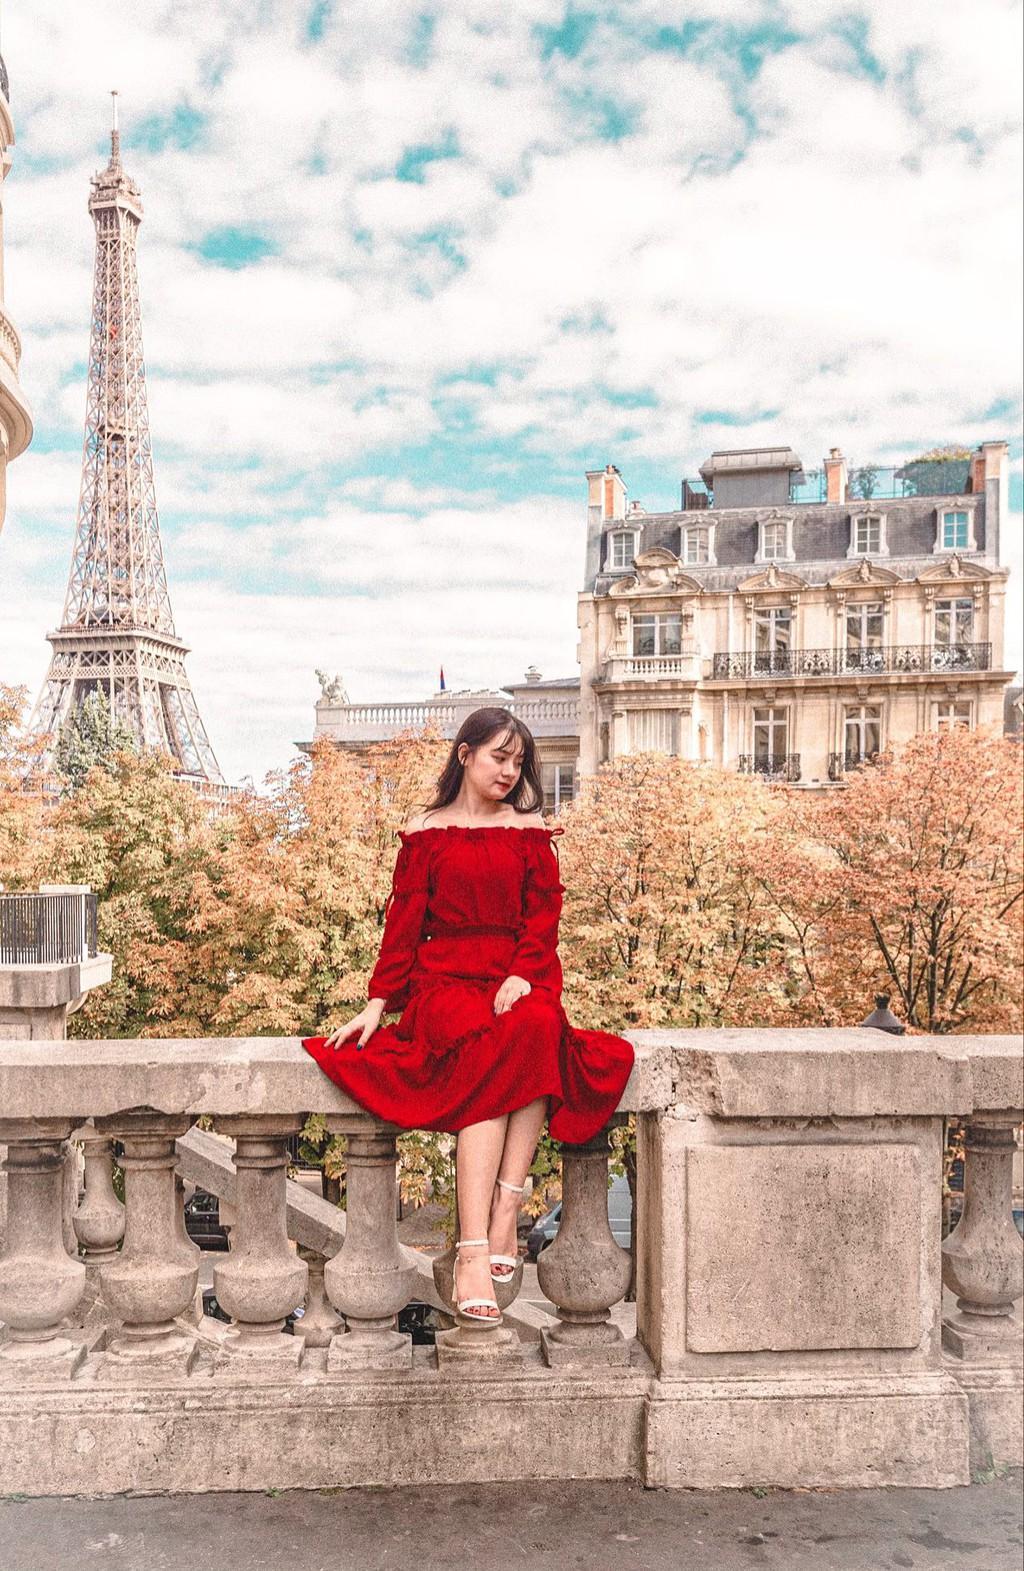 9X thực hiện giấc mơ Paris trong chuyến đi mùa thu Ảnh 1